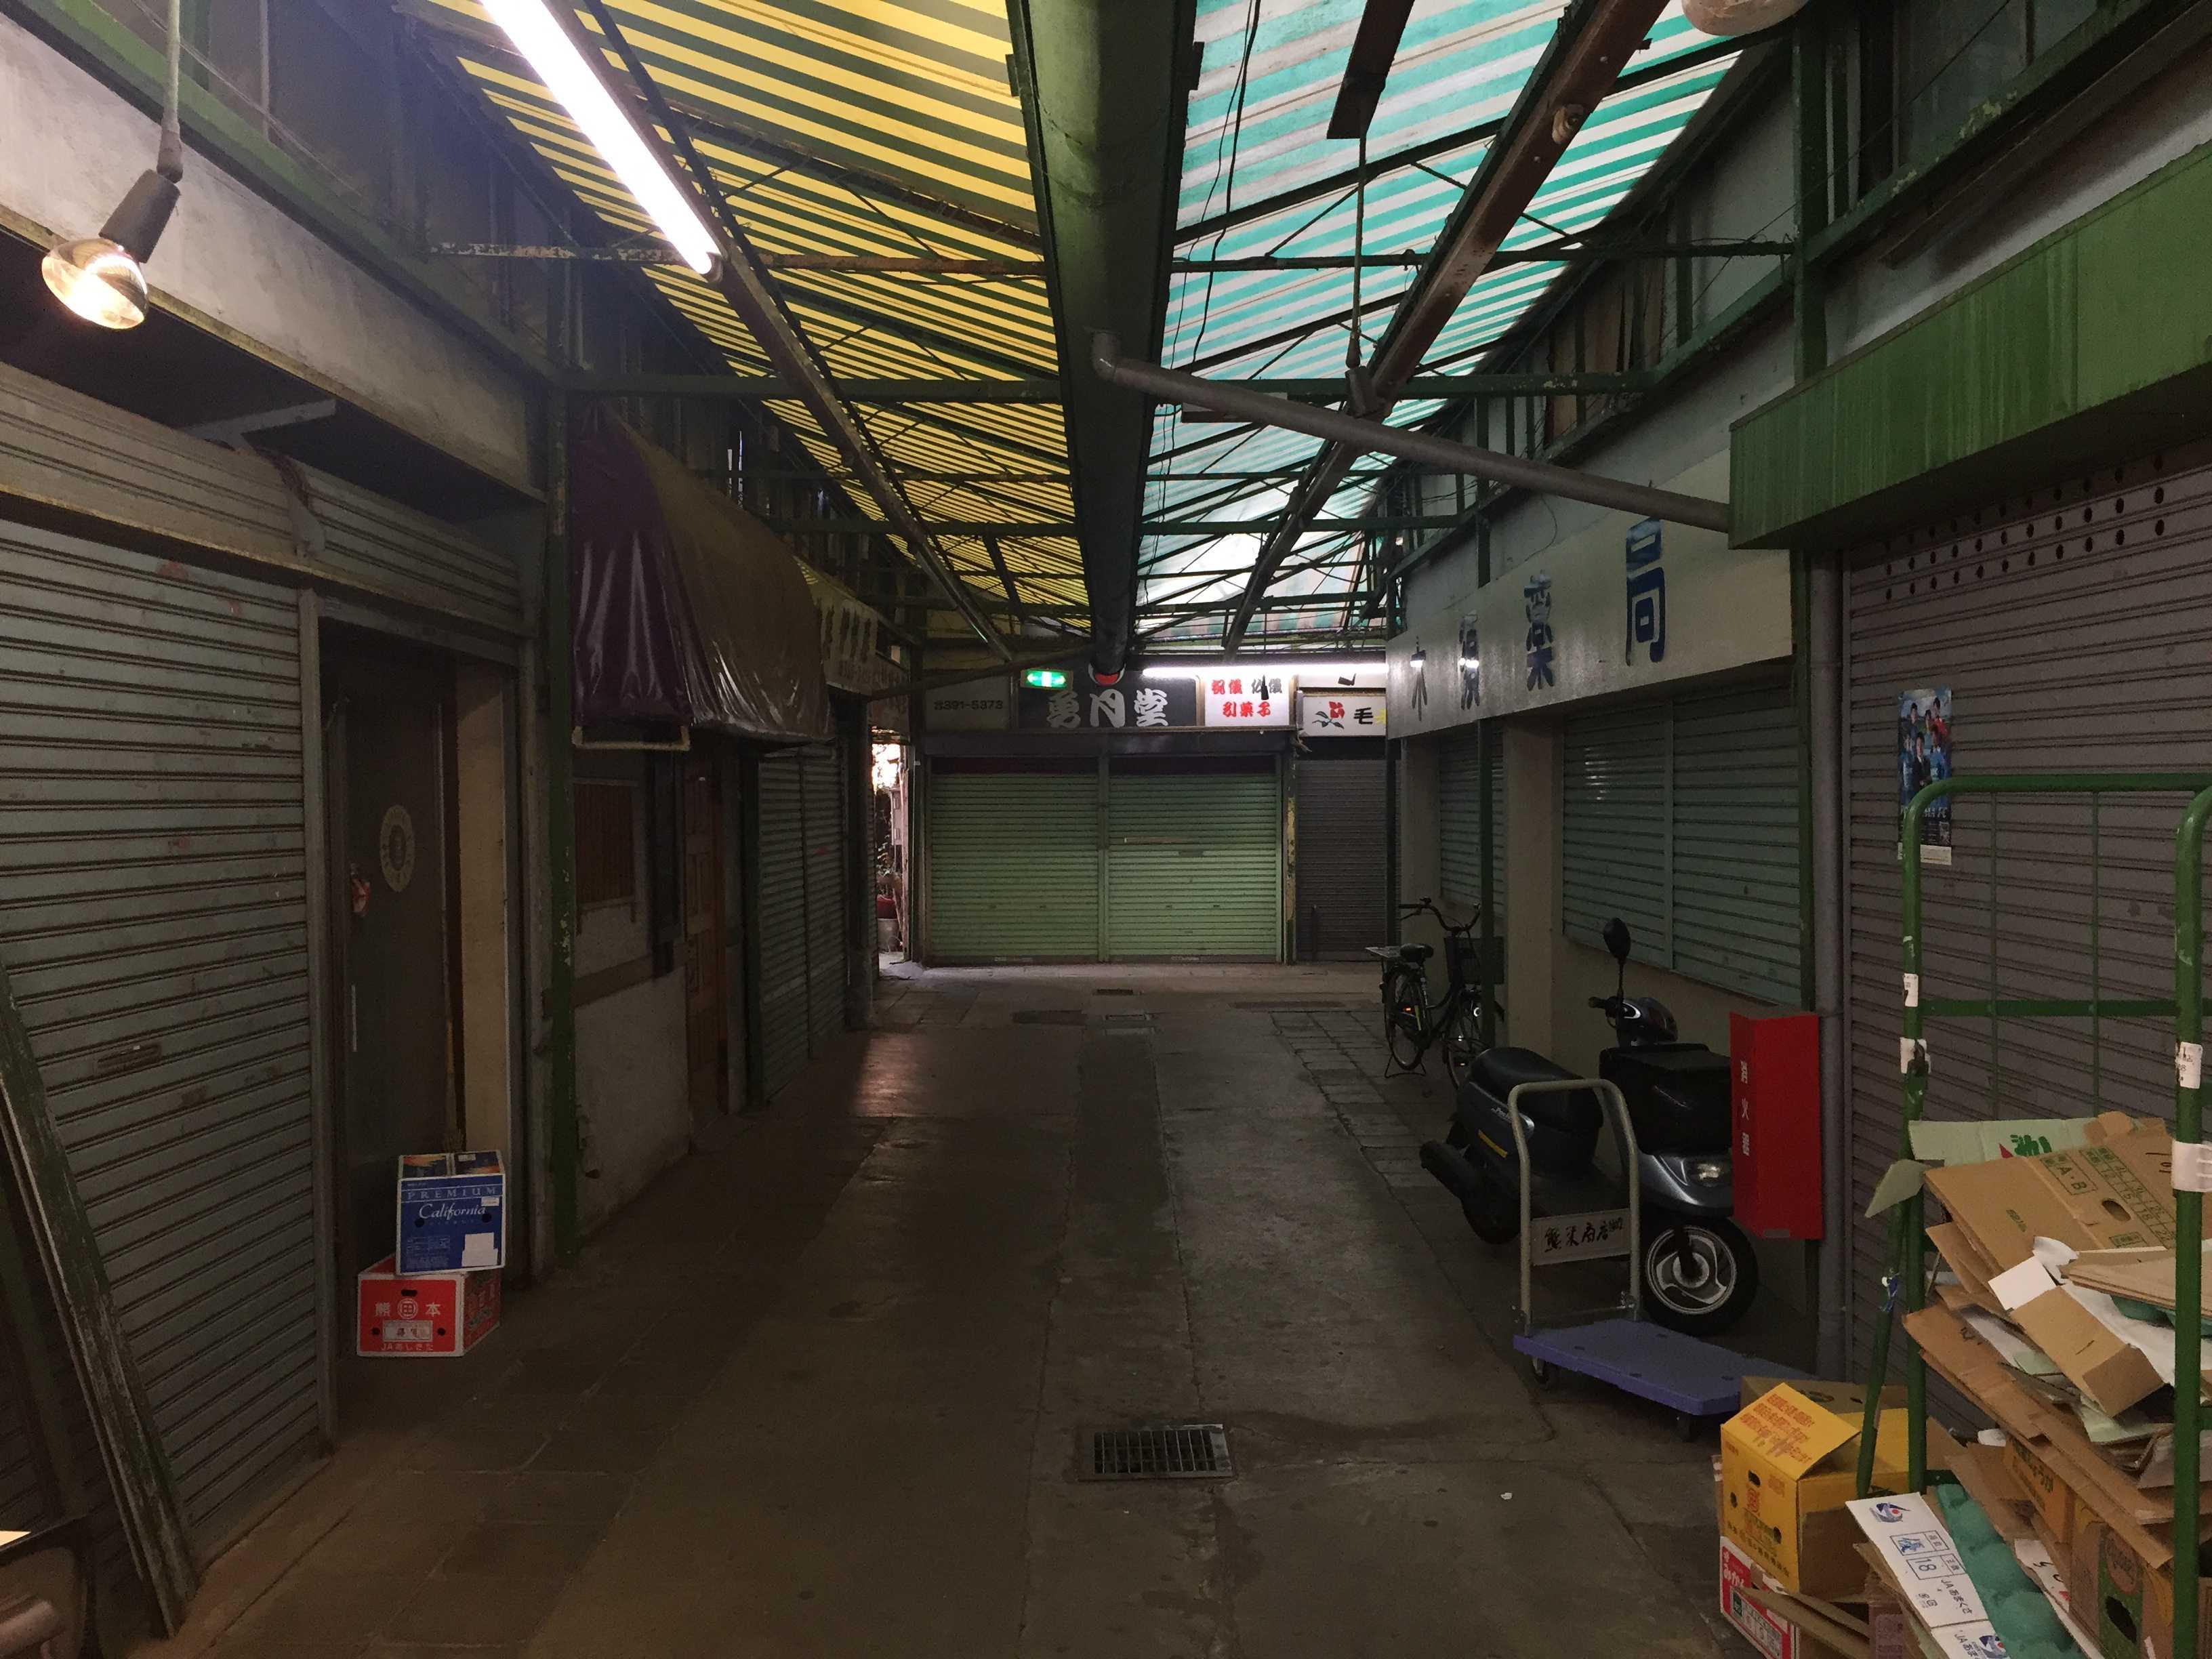 真っ暗なシャッター商店街 - 希望ヶ丘ショッピングセンター